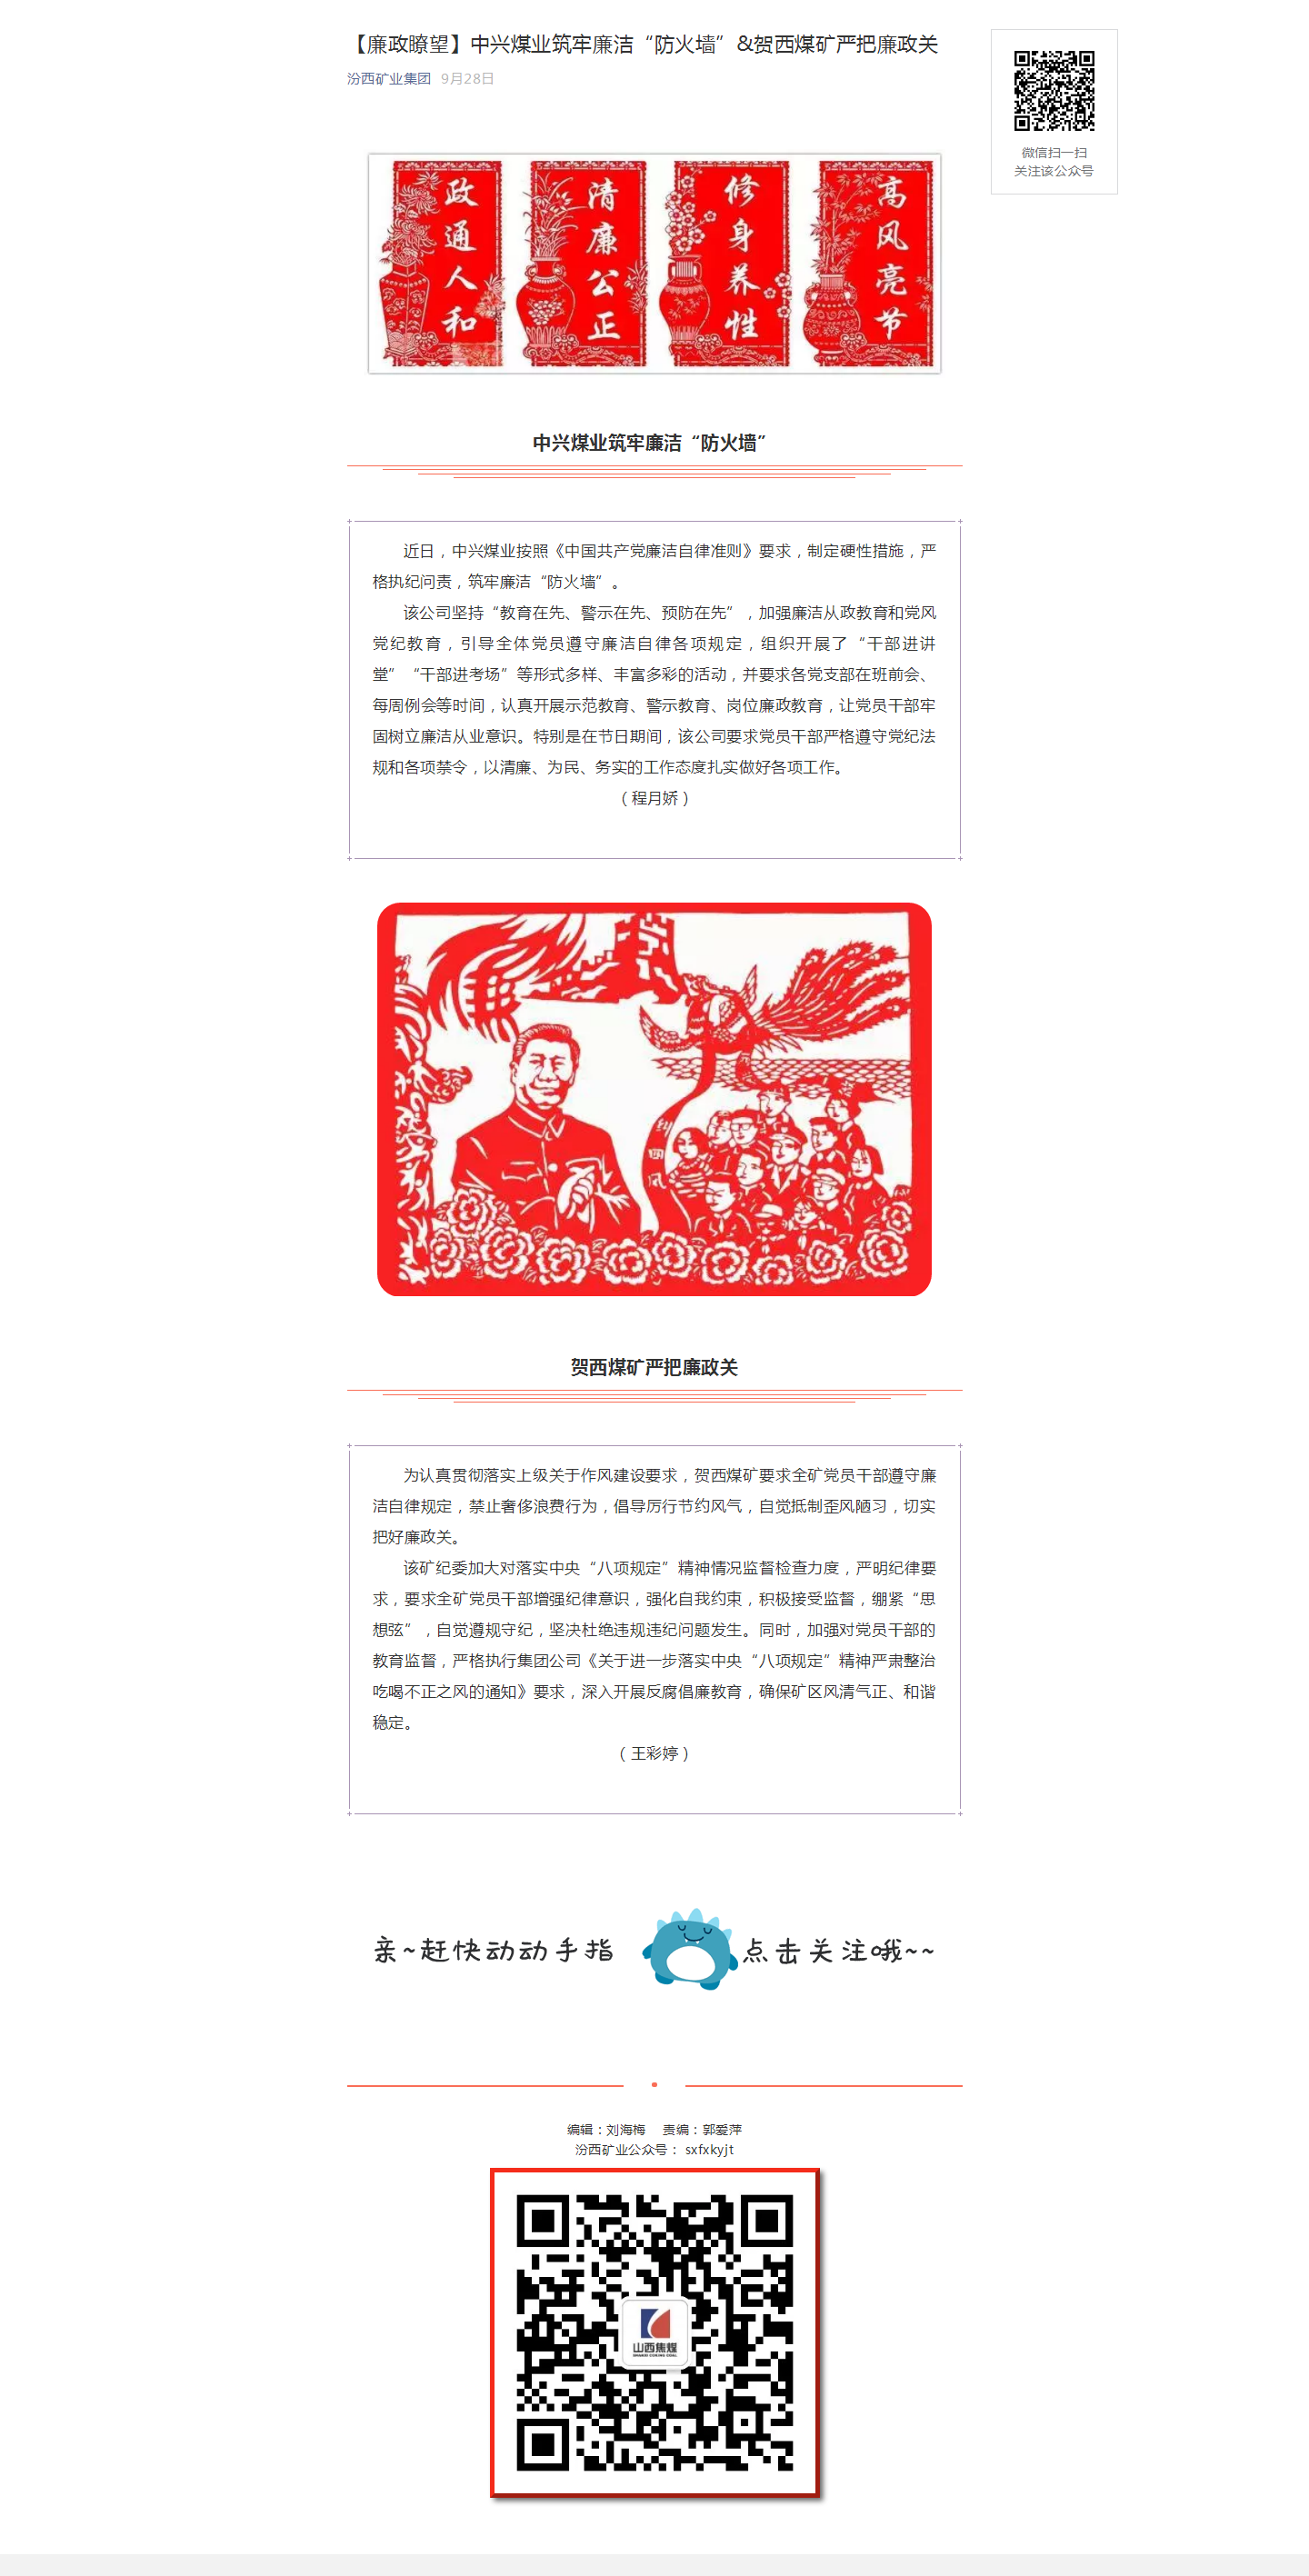 """【廉政瞭望】中兴煤业筑牢廉洁""""防火墙""""&贺西煤矿严把廉政关.png"""